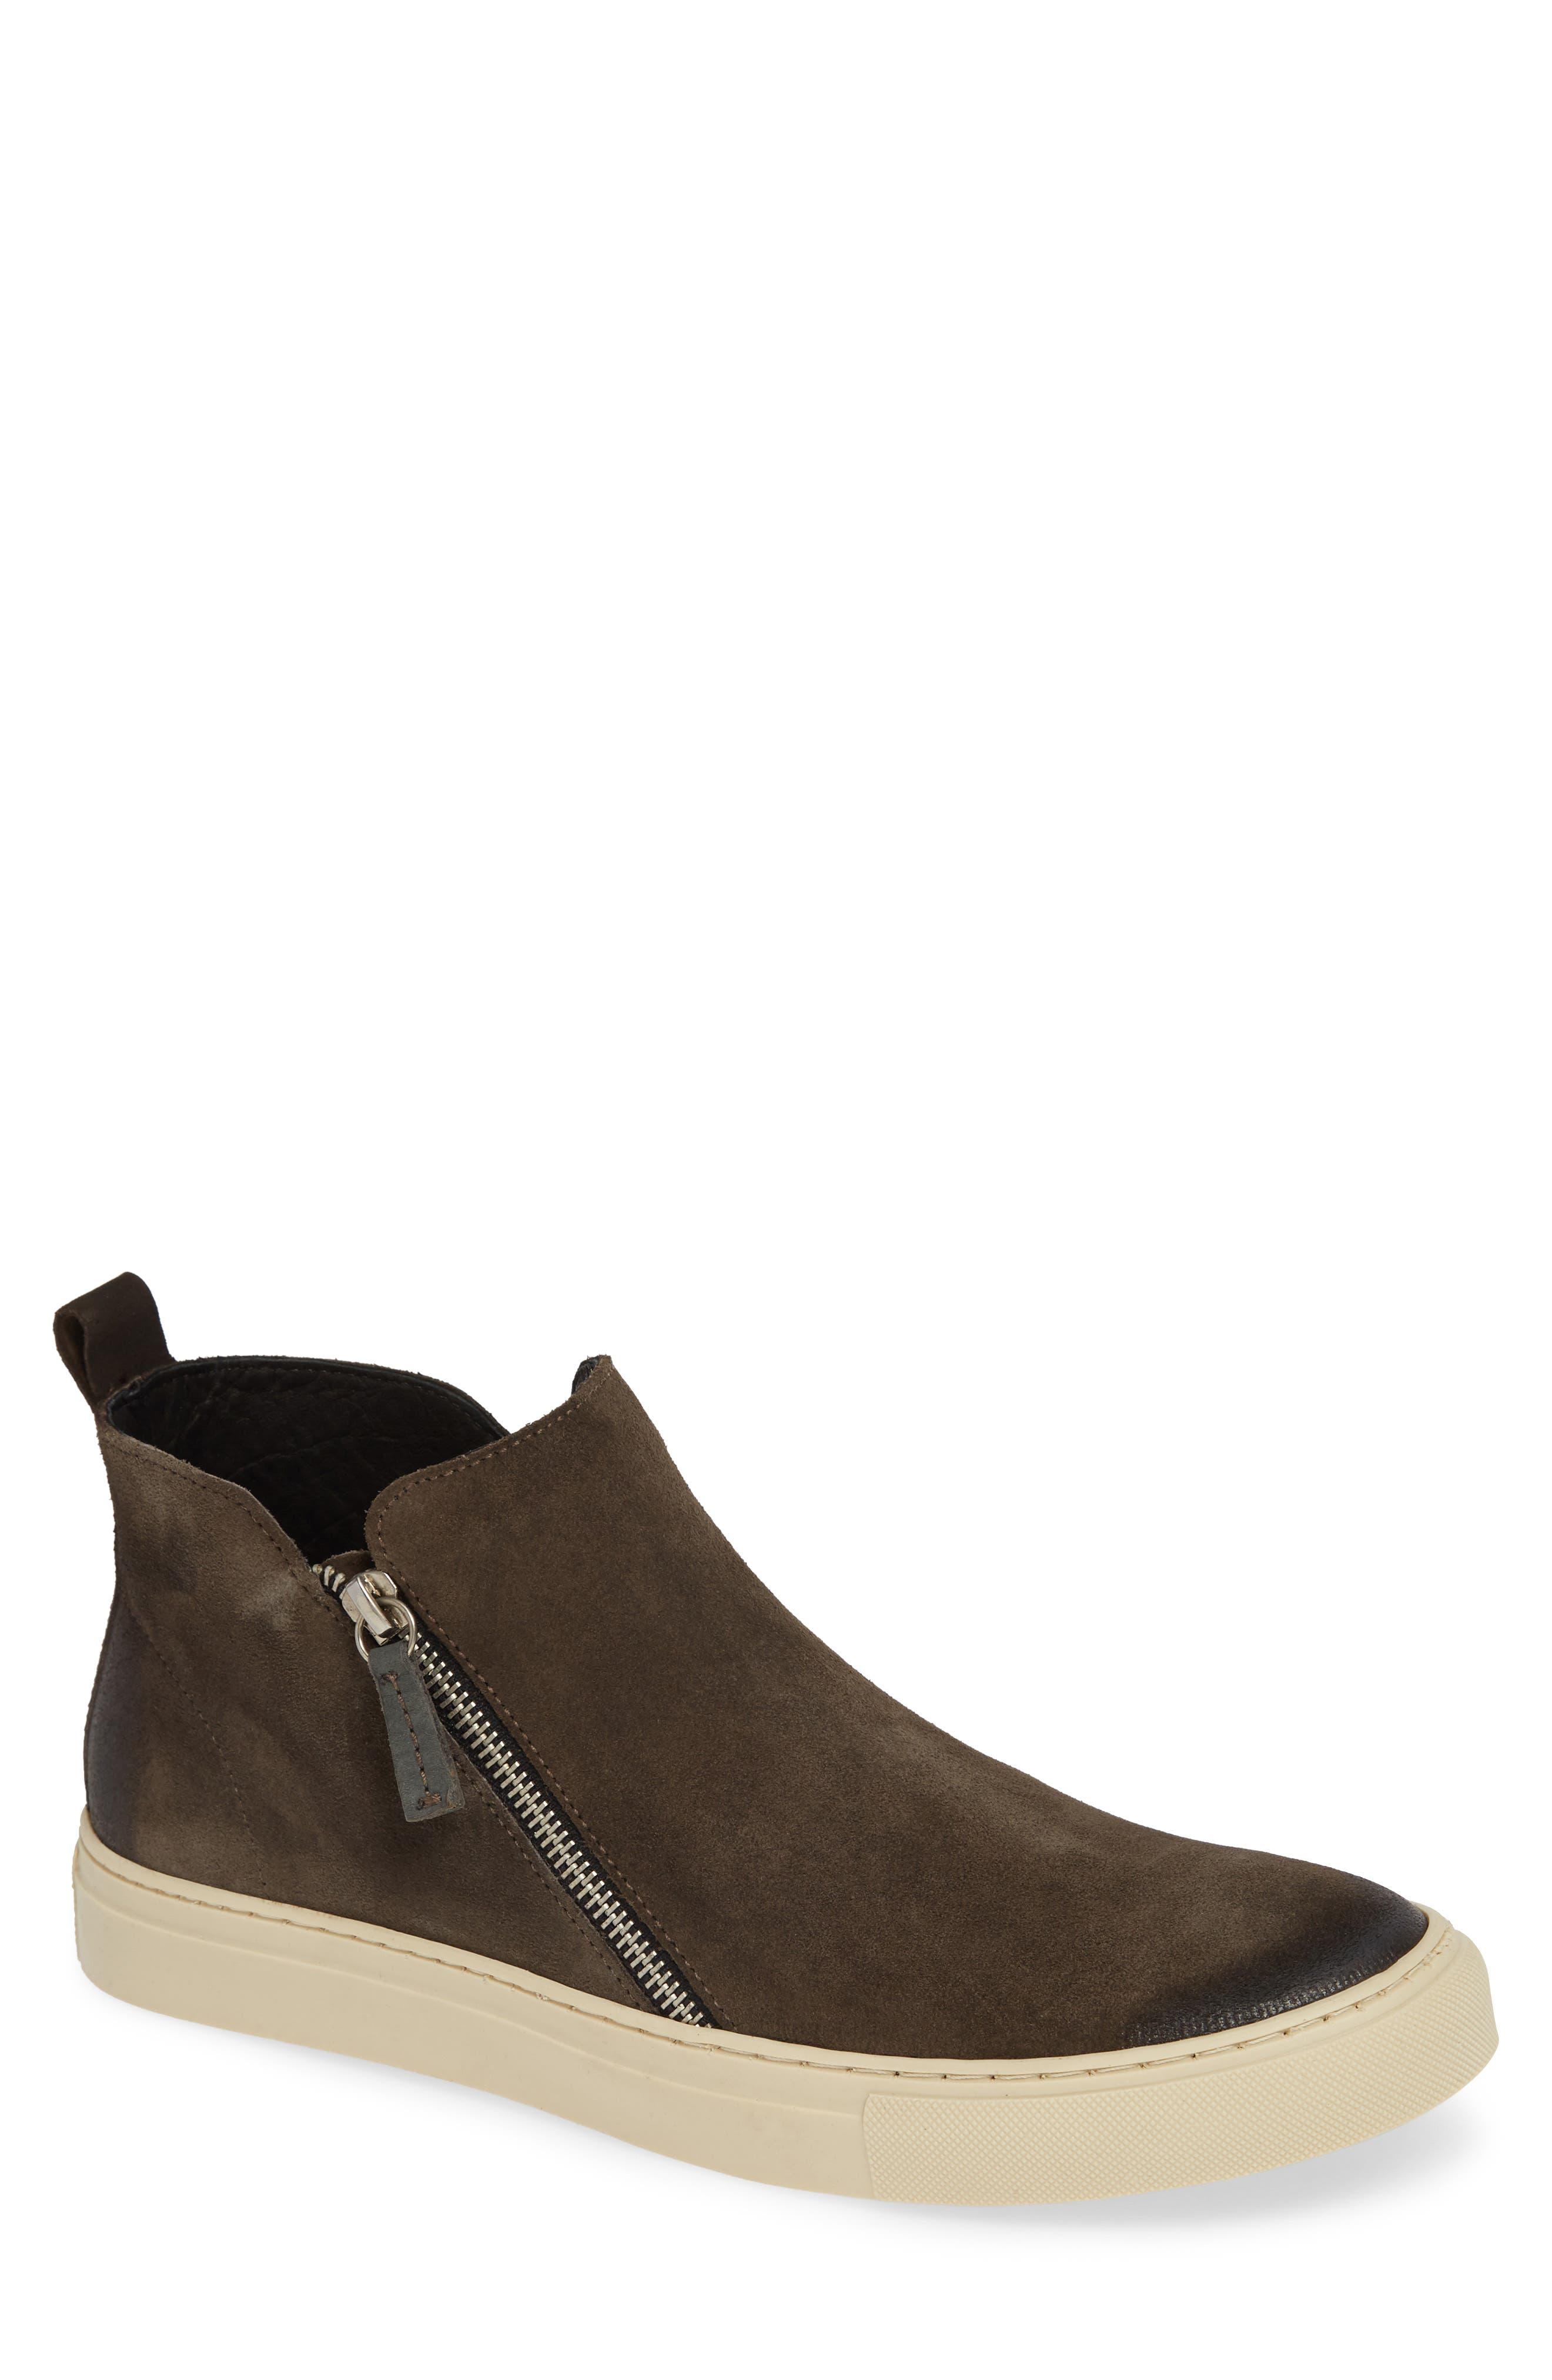 Barlow Zip Boot,                         Main,                         color, DARK GRAY